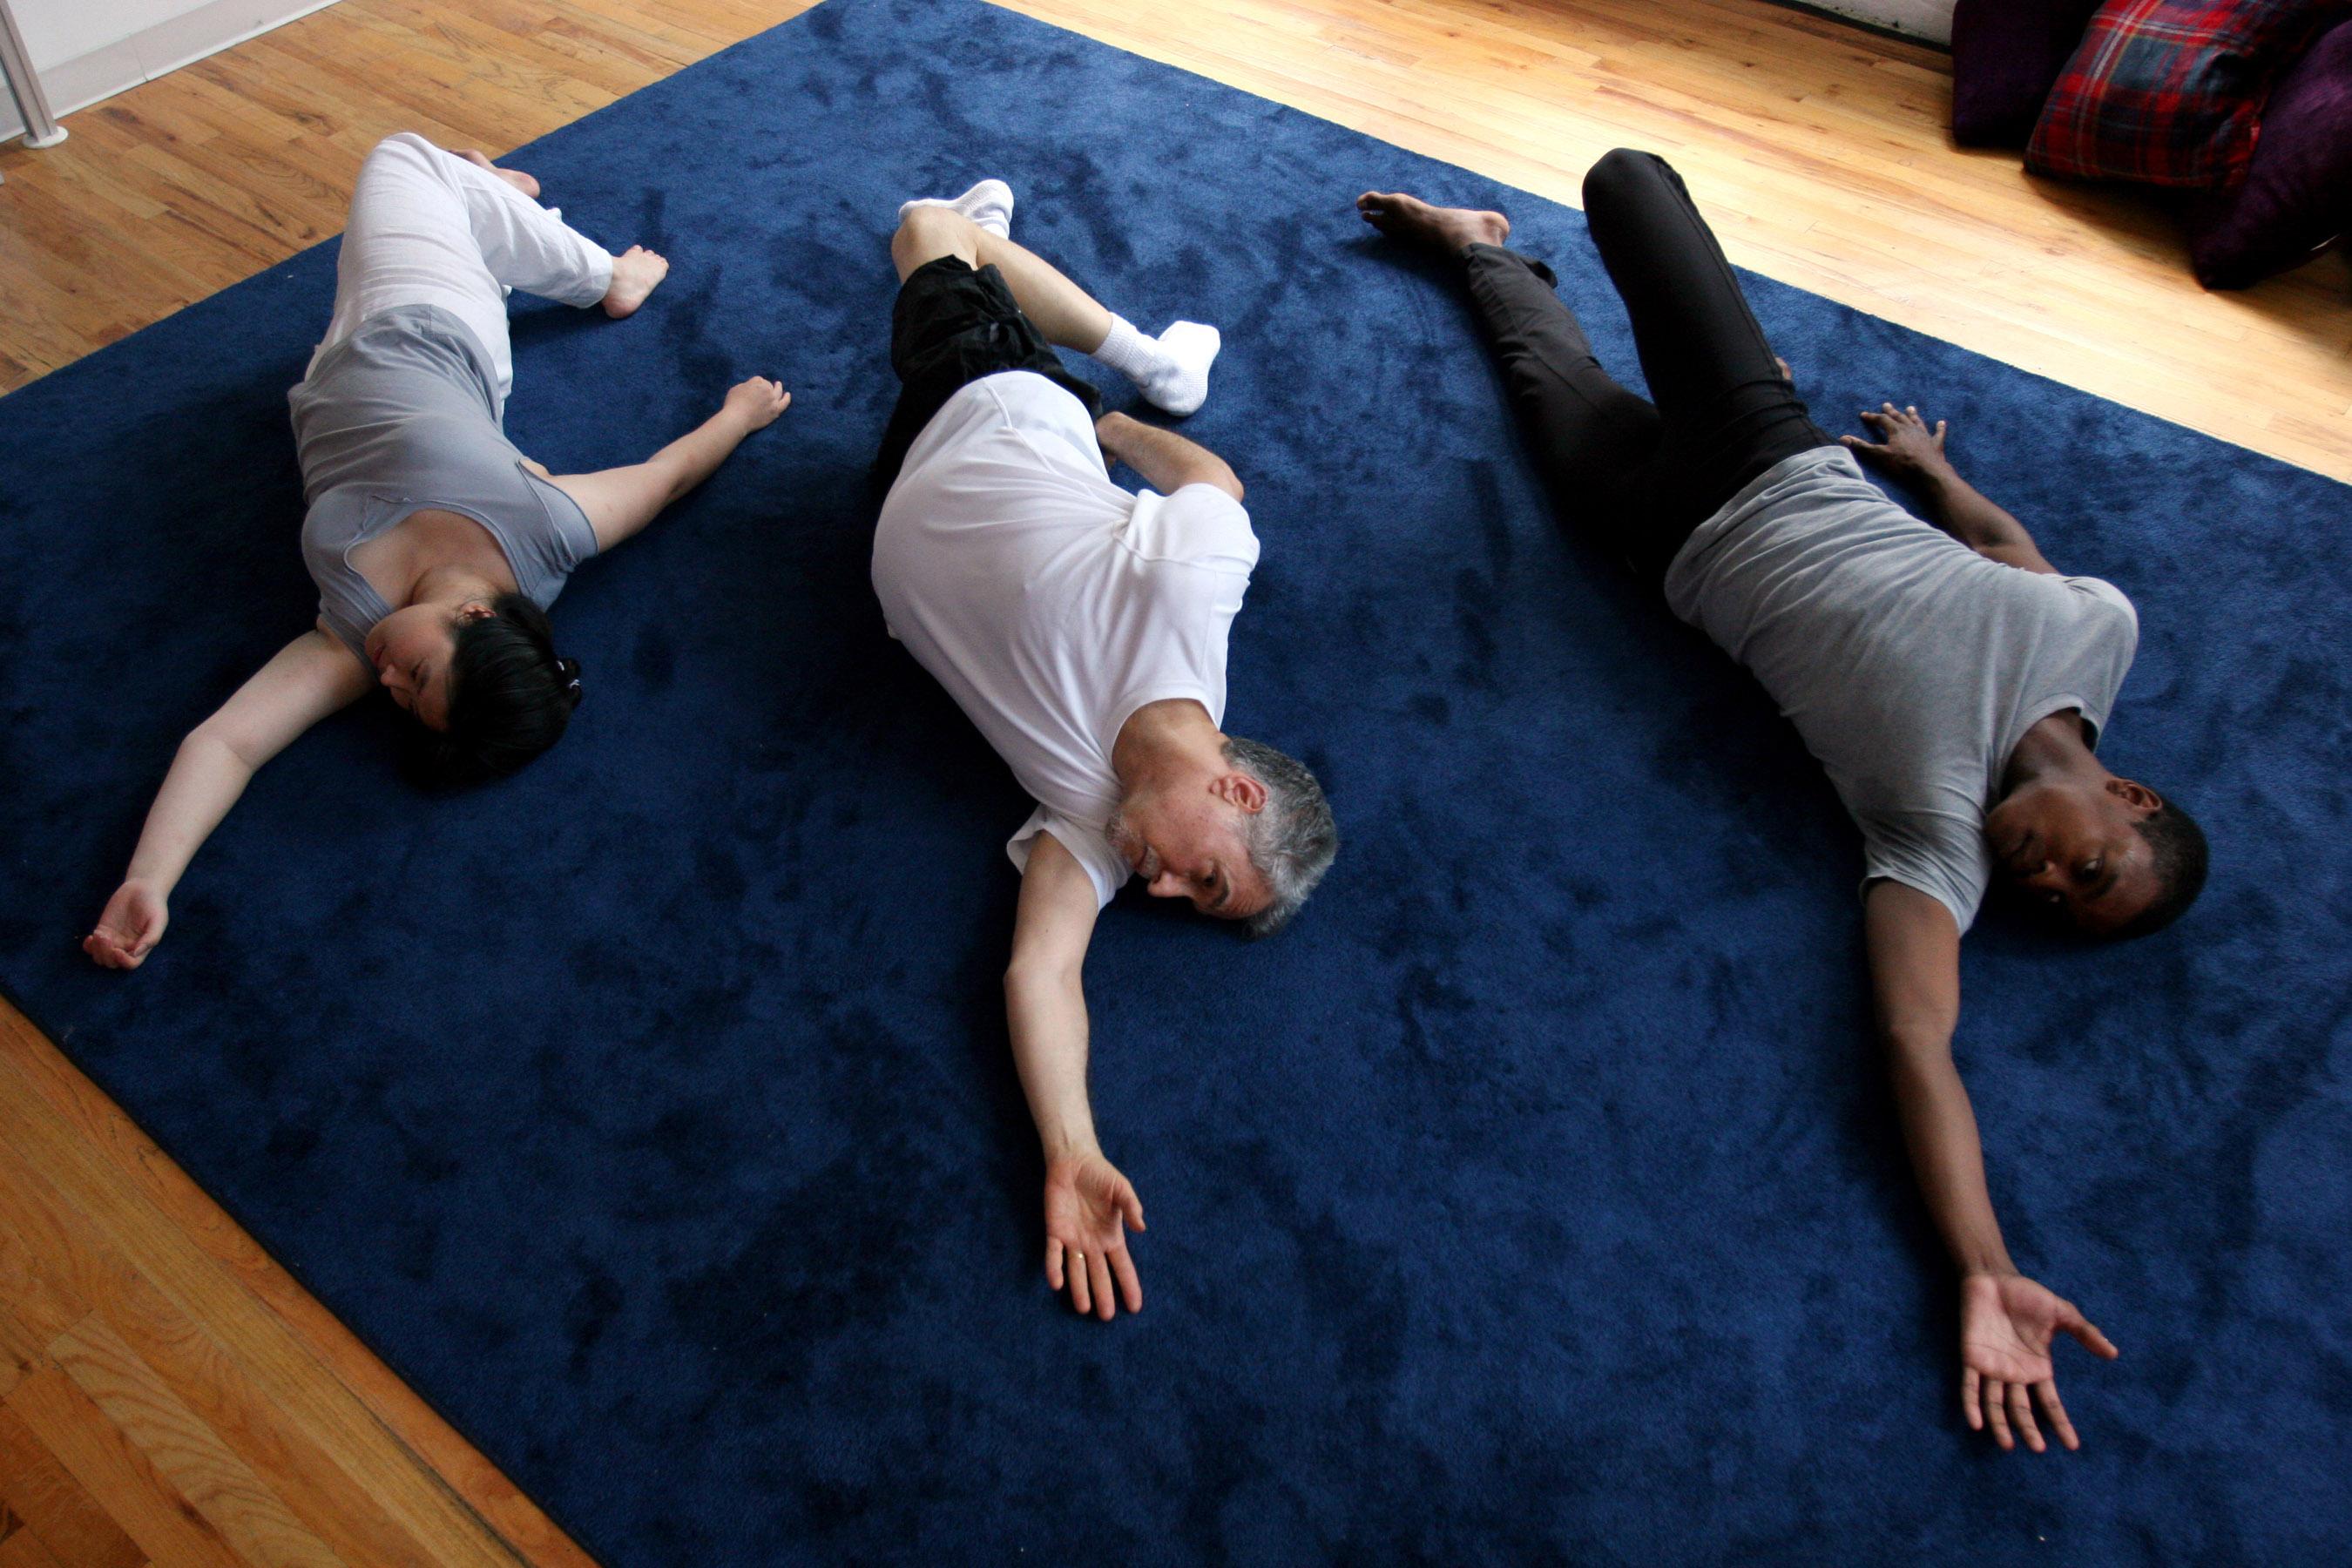 3 people lying on floor